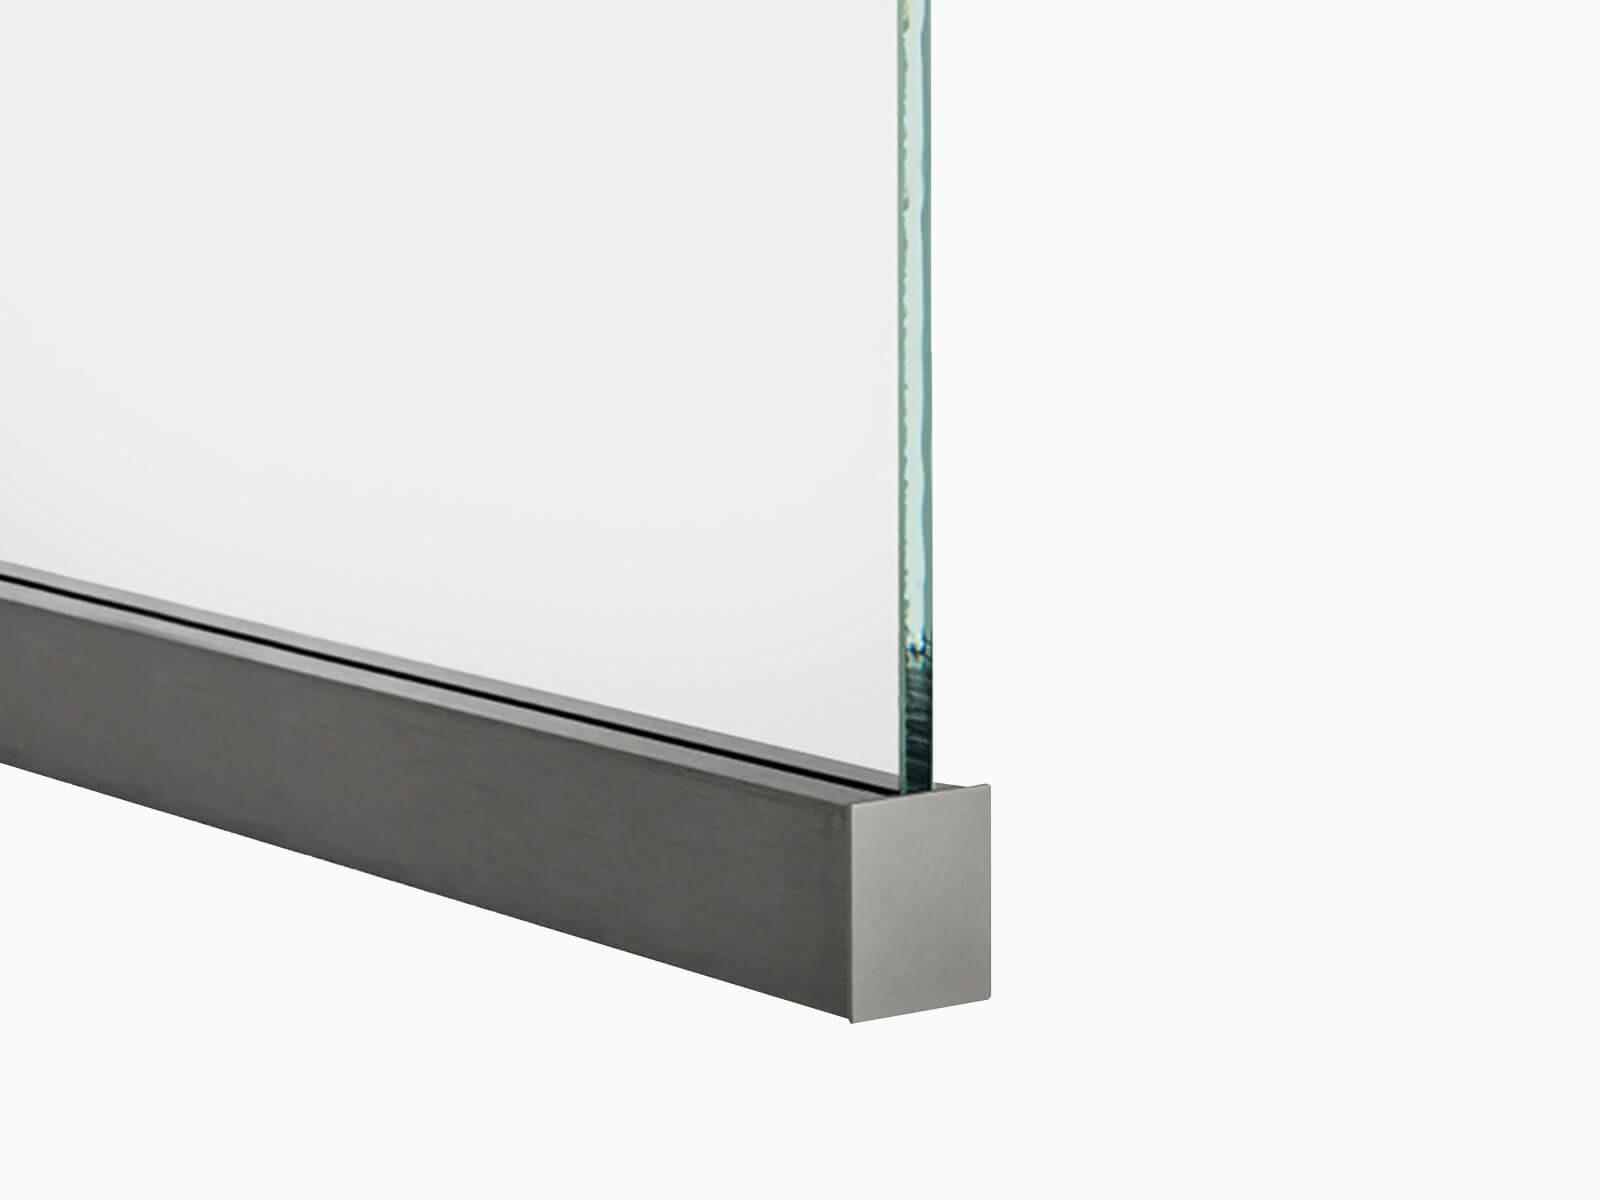 SLIM-Trennwand-Klemmprofil-mit-Endkappe-und-eingefasstem-Glas